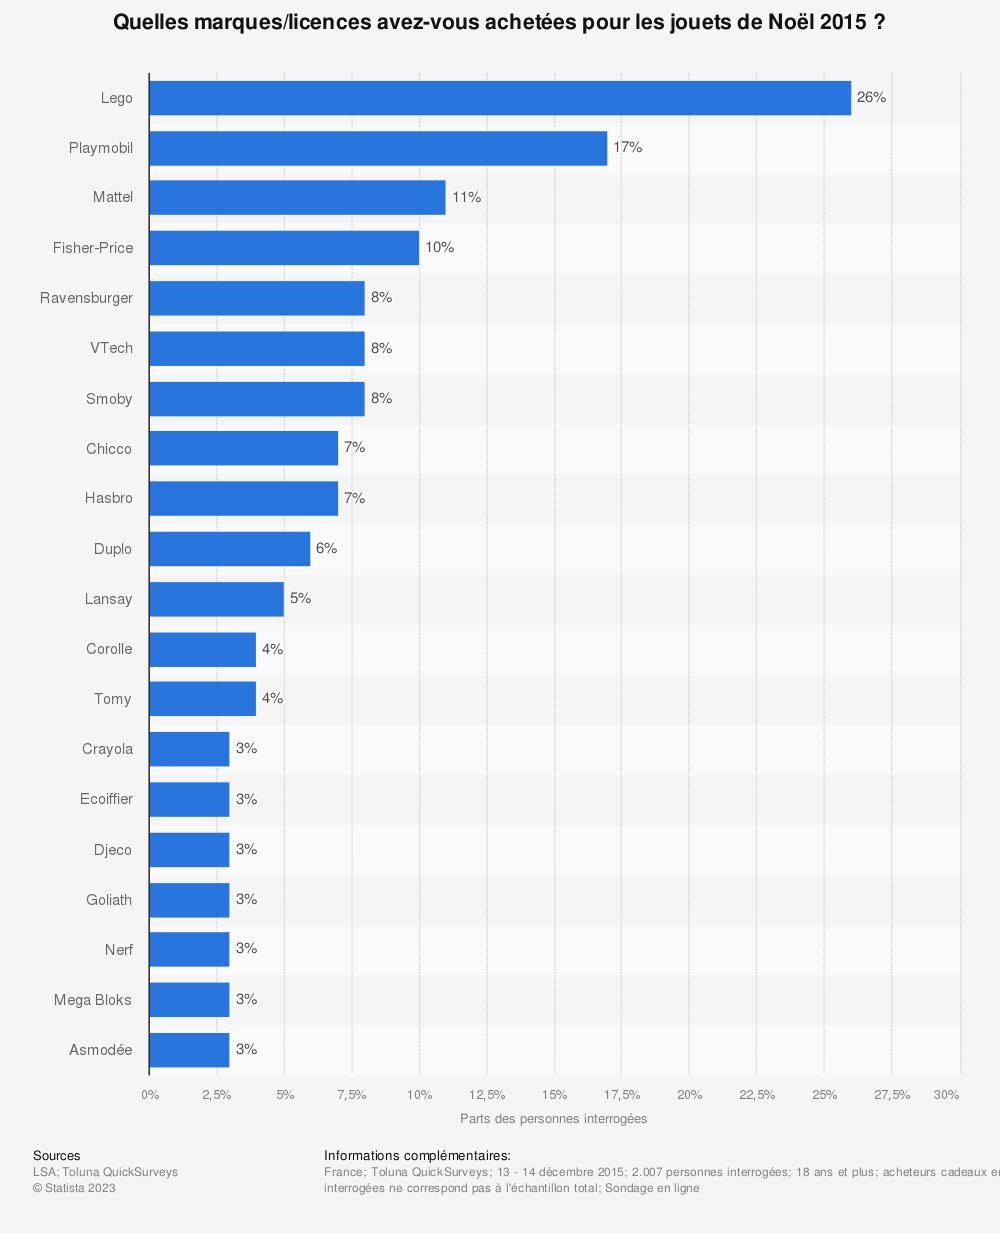 Statistique: Quelles marques/licences avez-vous achetées pour les jouets de Noël 2015 ? | Statista